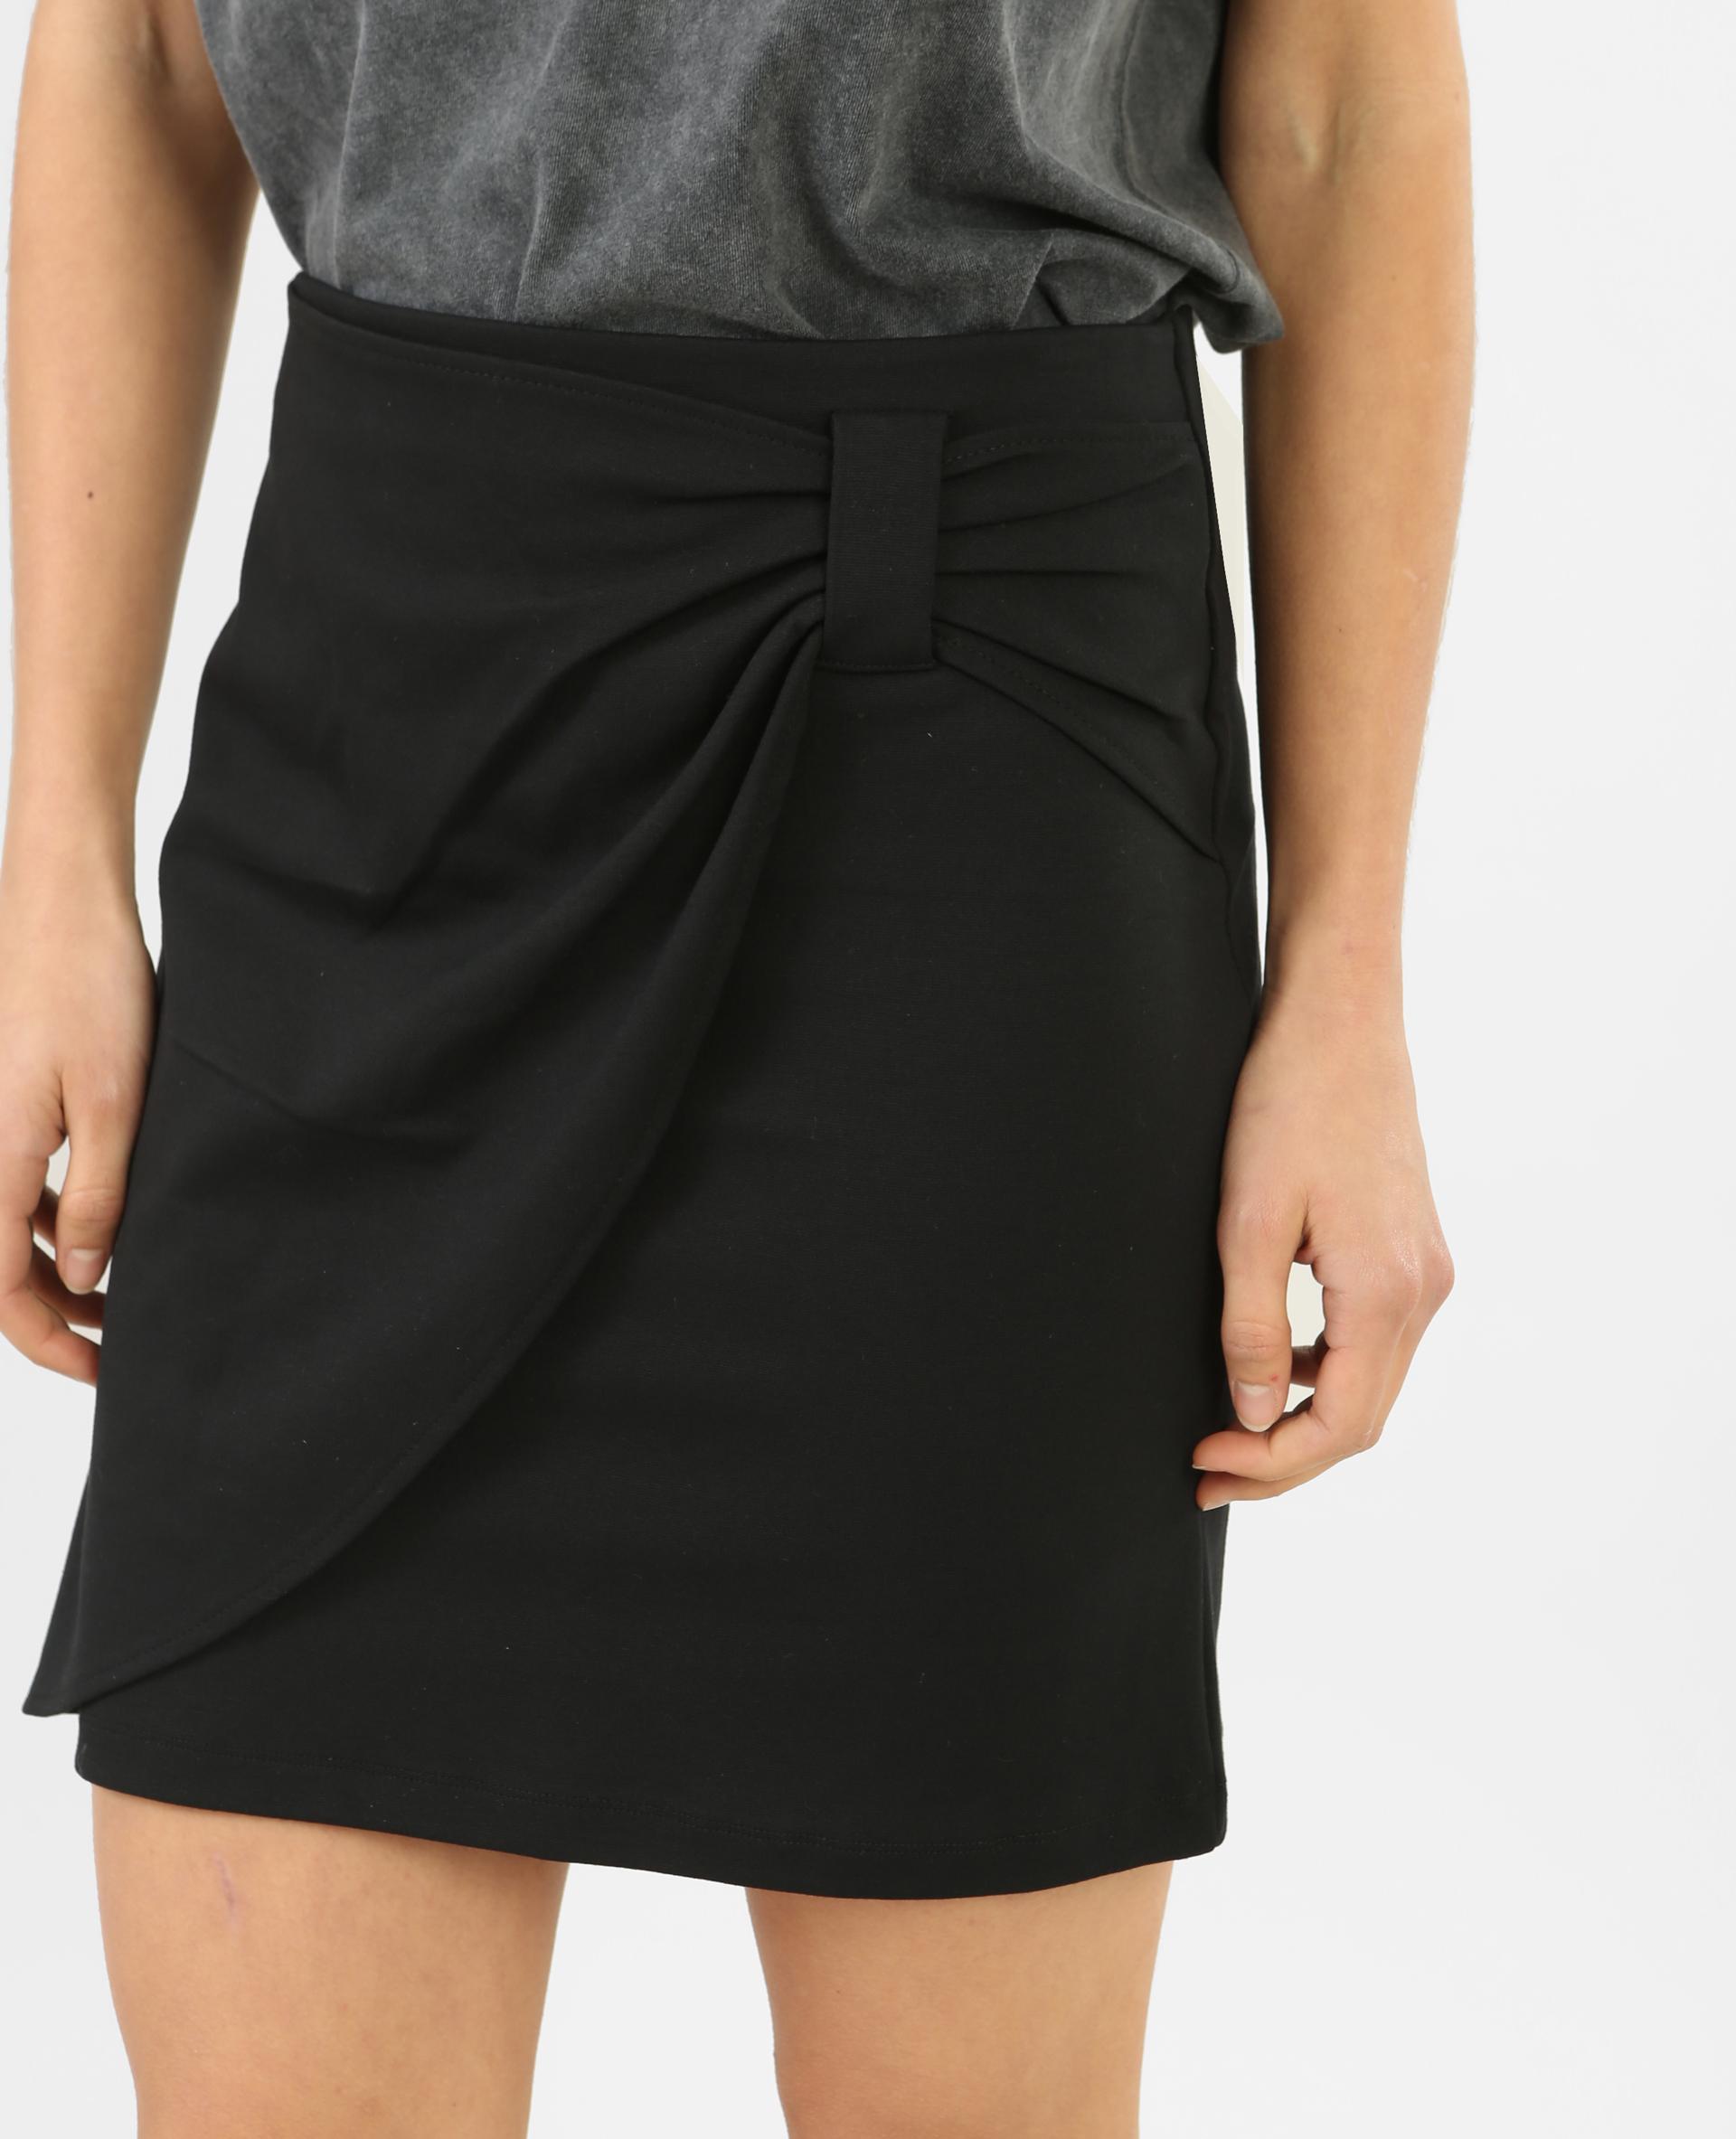 jupe tube effet drap noir 690328899a08 pimkie. Black Bedroom Furniture Sets. Home Design Ideas